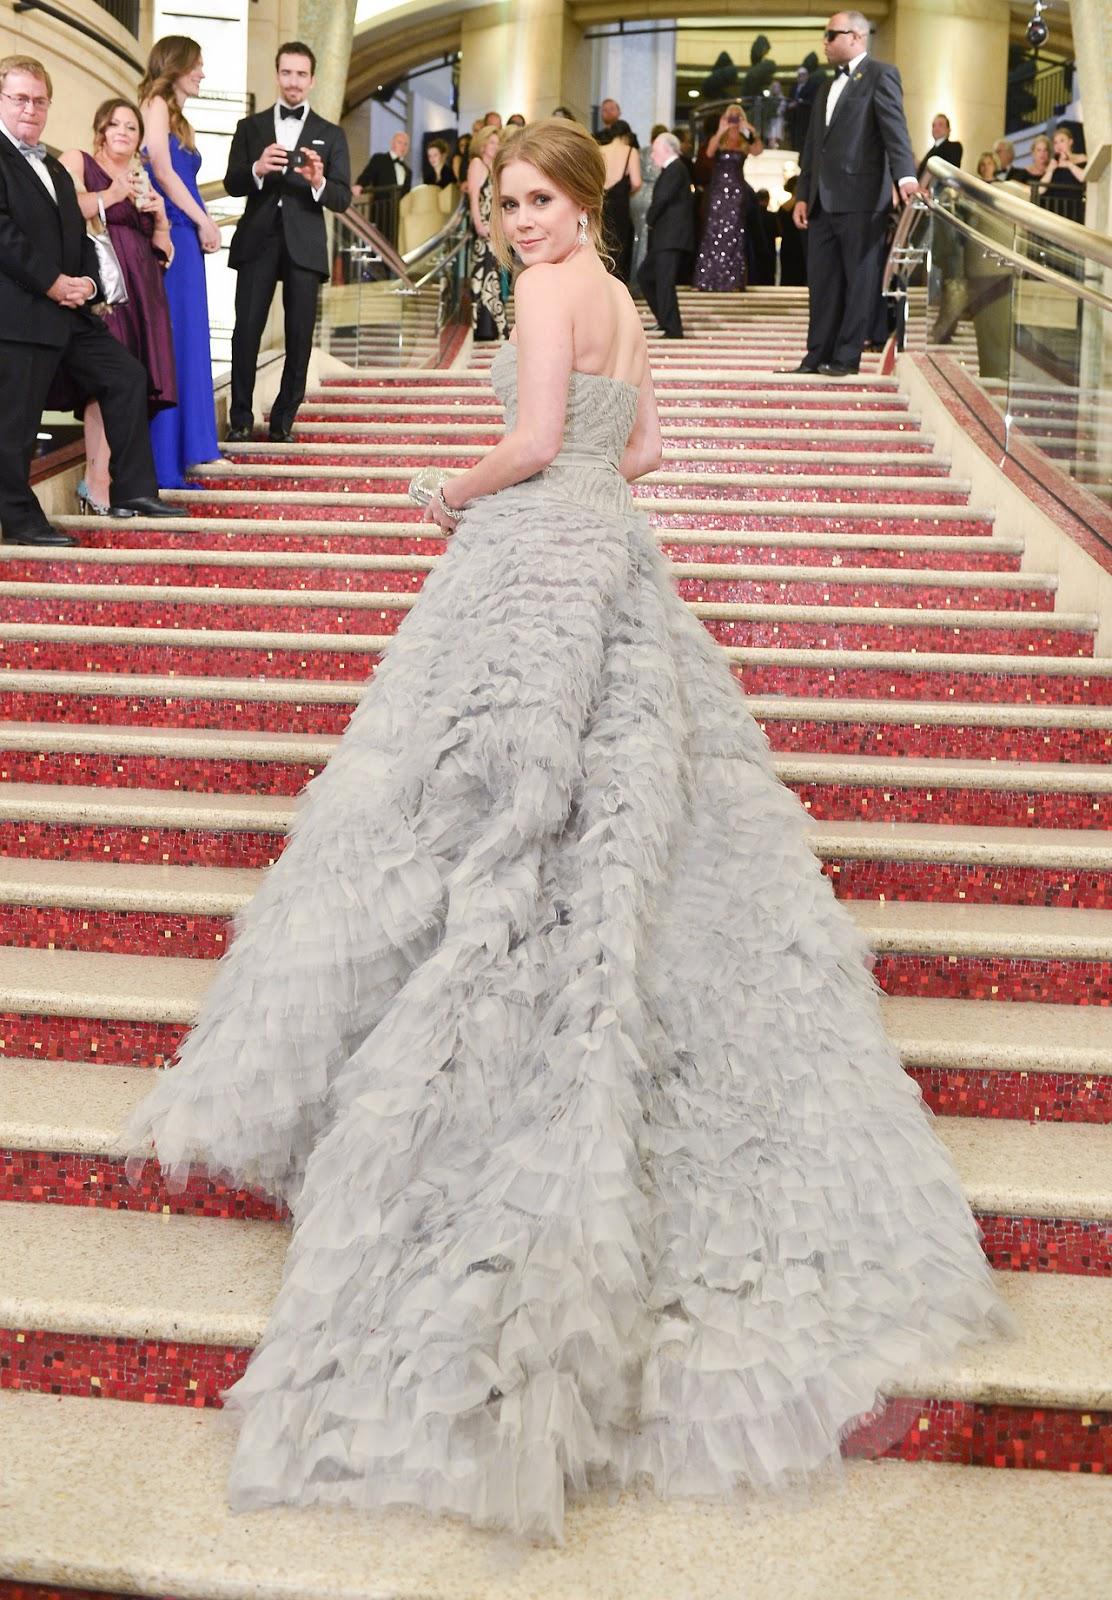 Efeford Weddings Celebrity Bridal Dress Second Dress